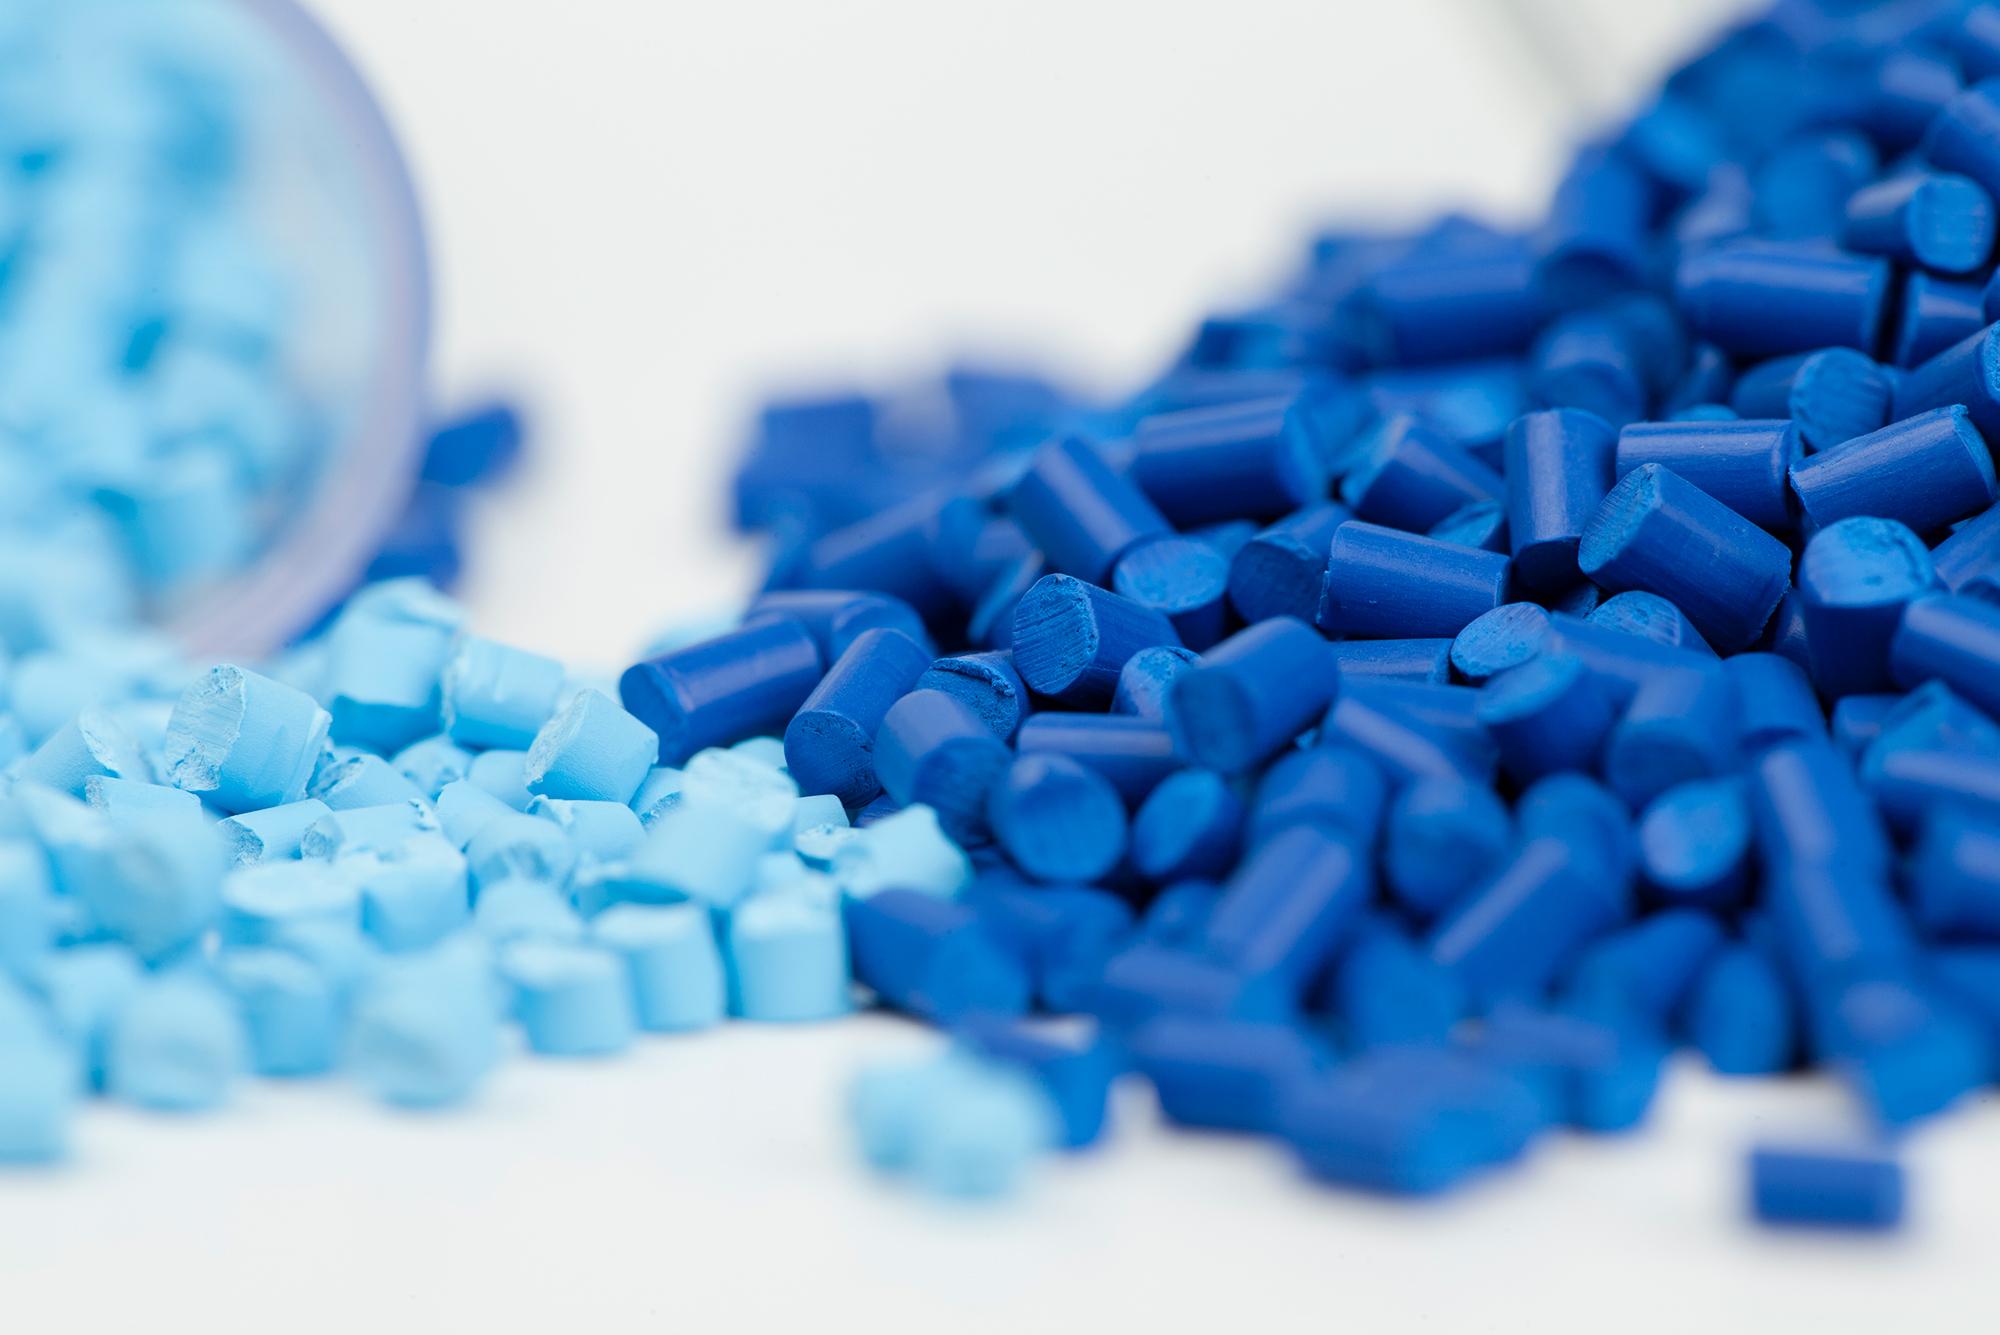 TGA-FT-IR para identificar una mezcla de polímeros y su composición